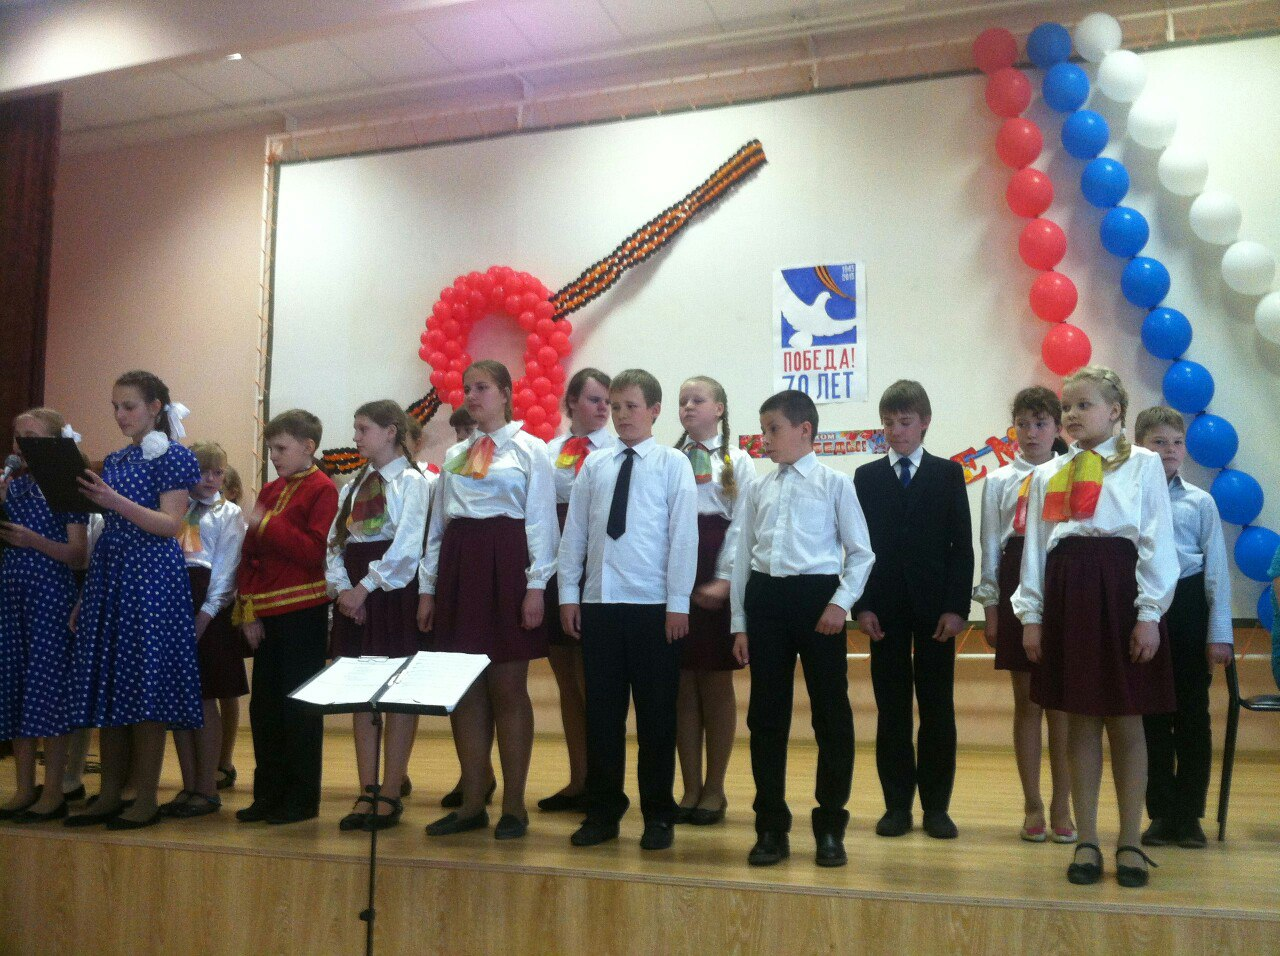 Администрация Великого Новгорода должна подготовить в течение года переезд Детской школы искусств